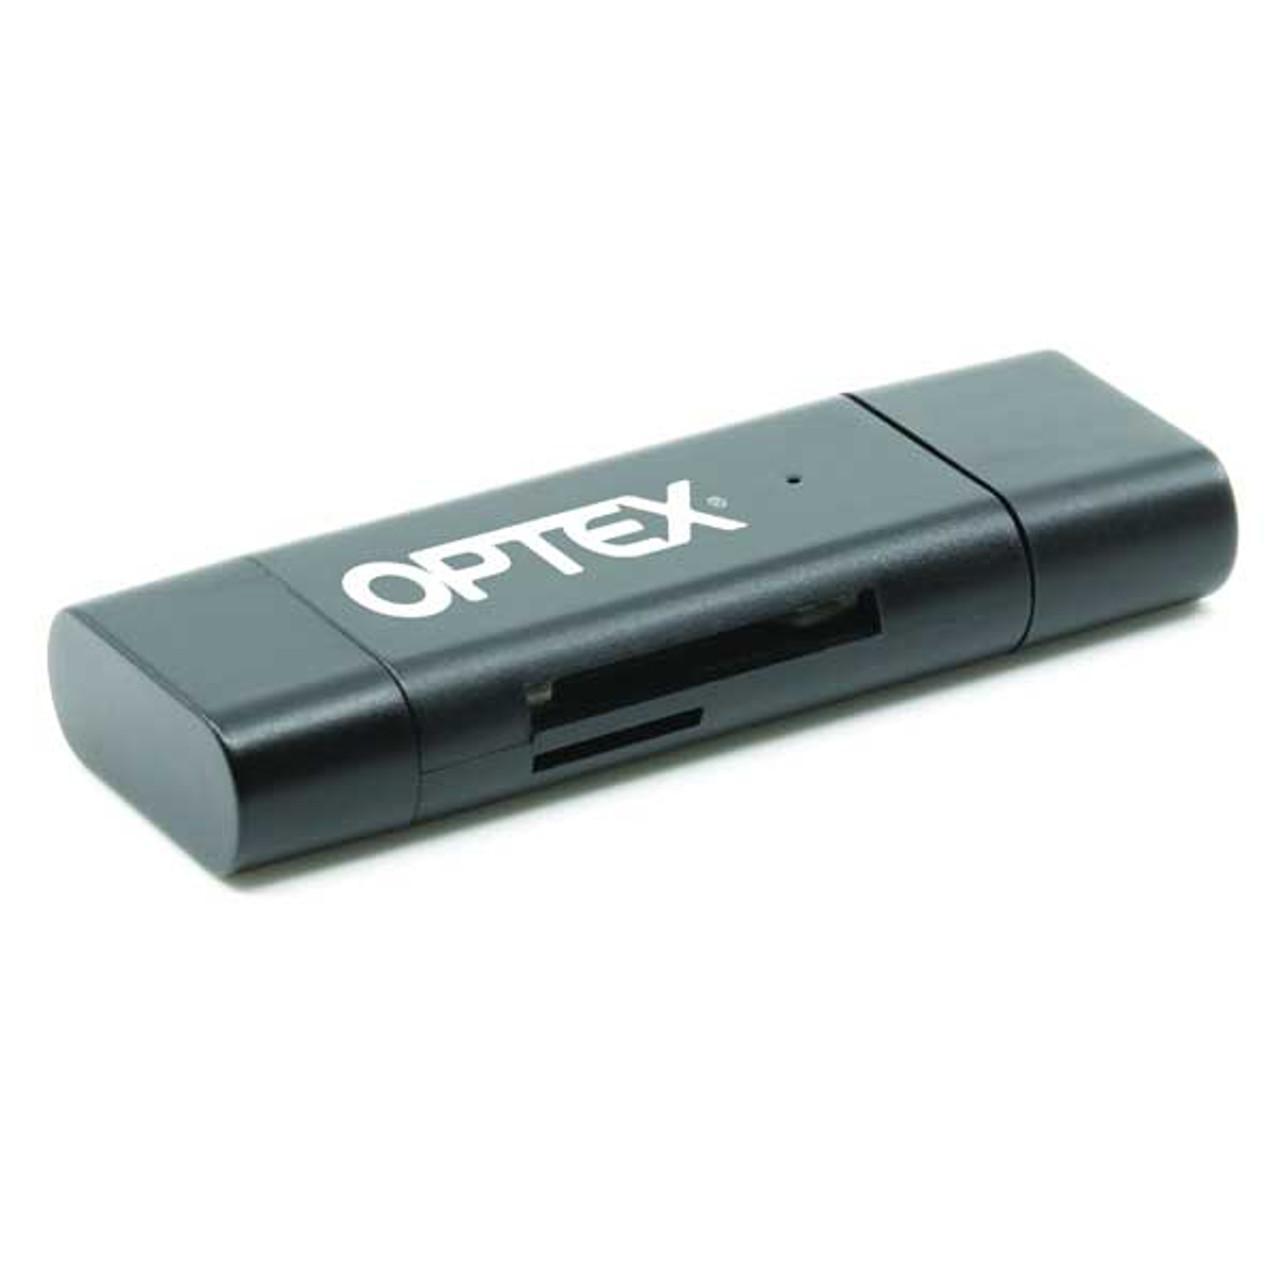 Optex USB-C & USB 3.0 Card Reader SD/MicroSD